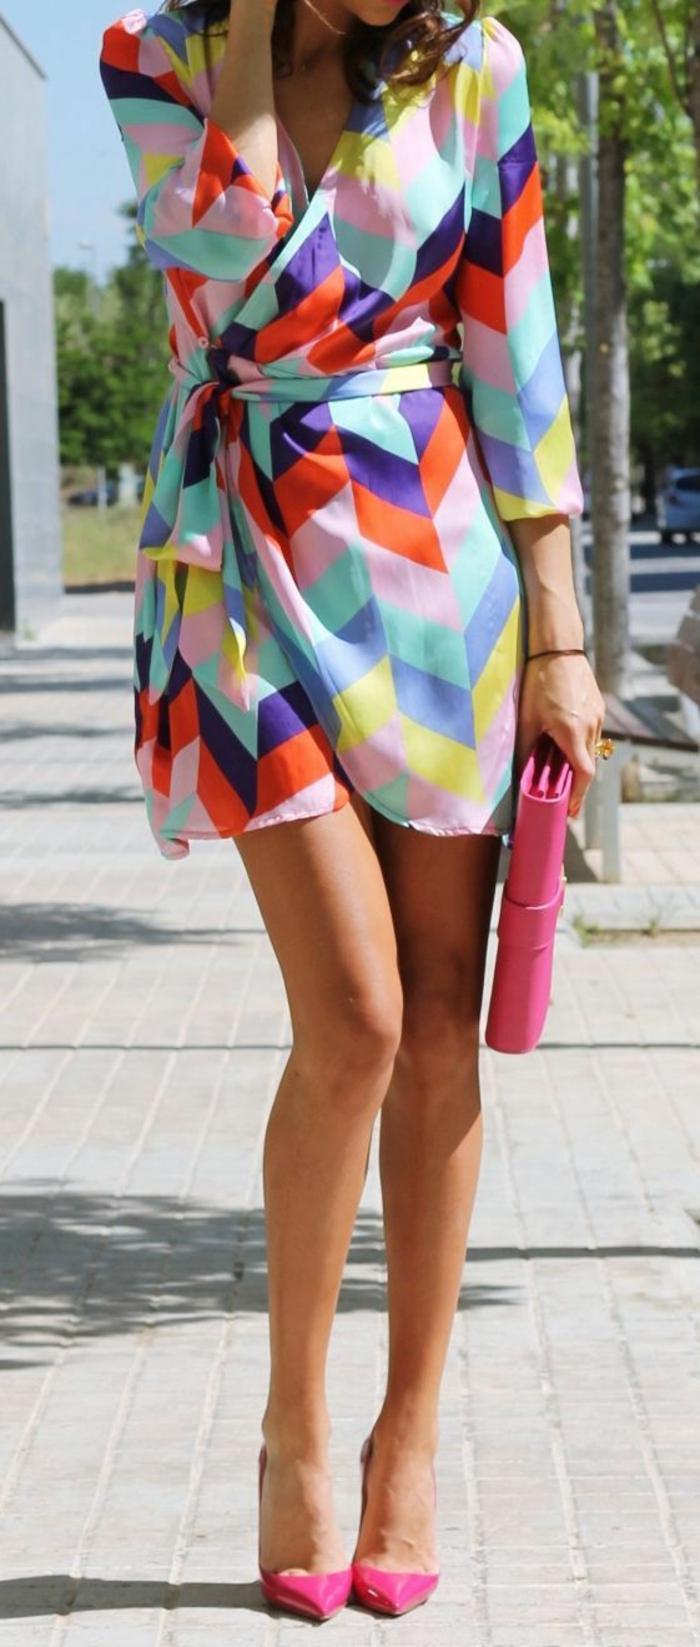 tenue chic robe mini aux couleurs de l'arc en ciel et aux motifs géométriques